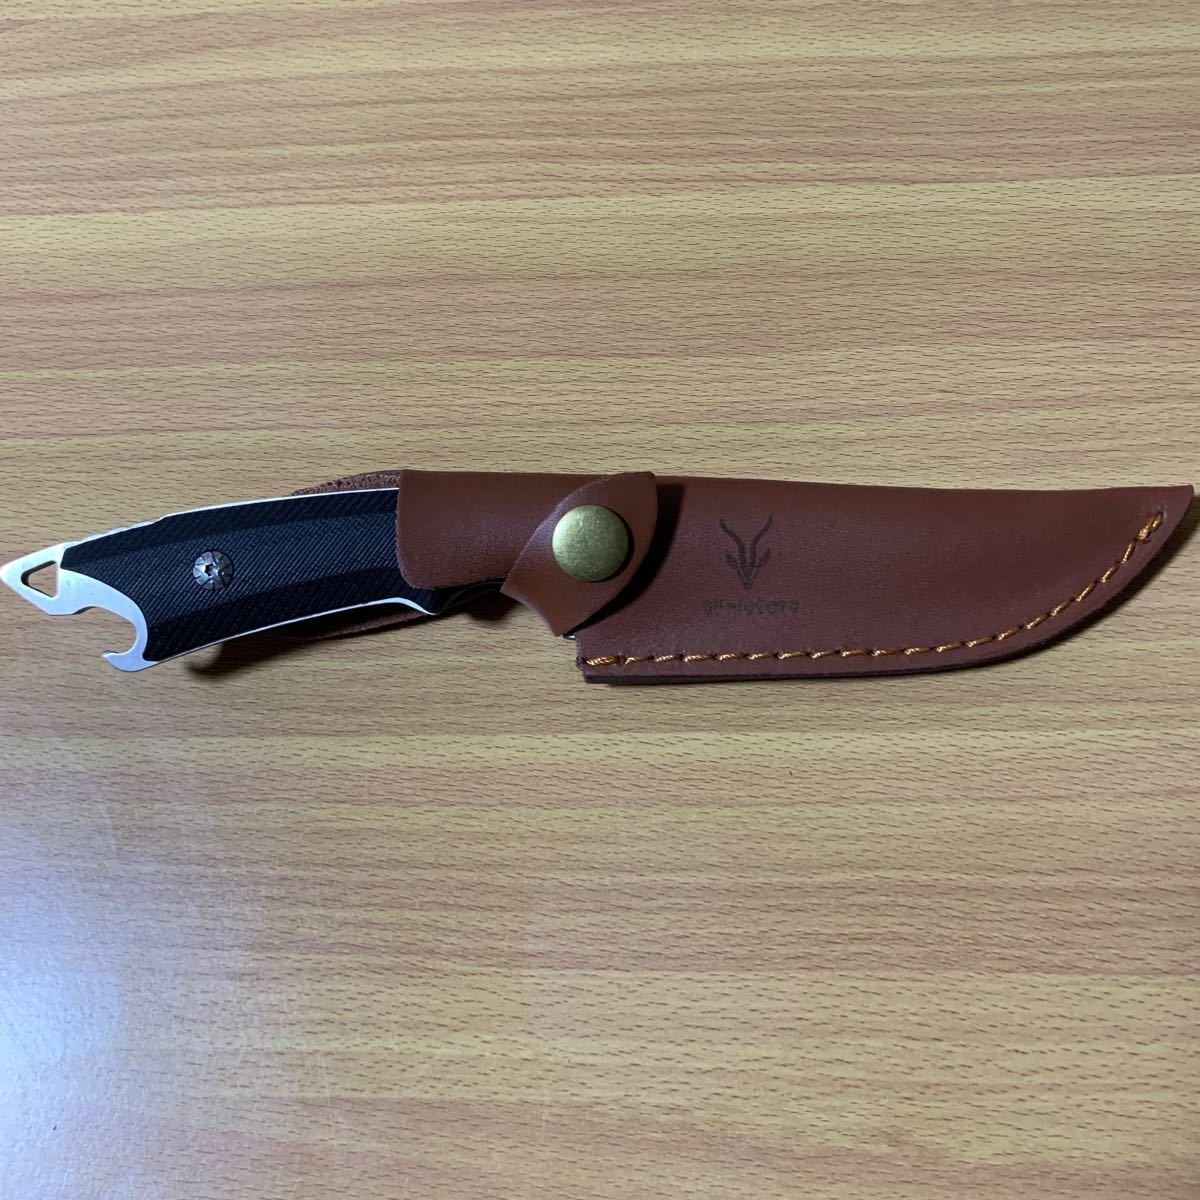 サバイバルナイフ シースー付き 新品未使用